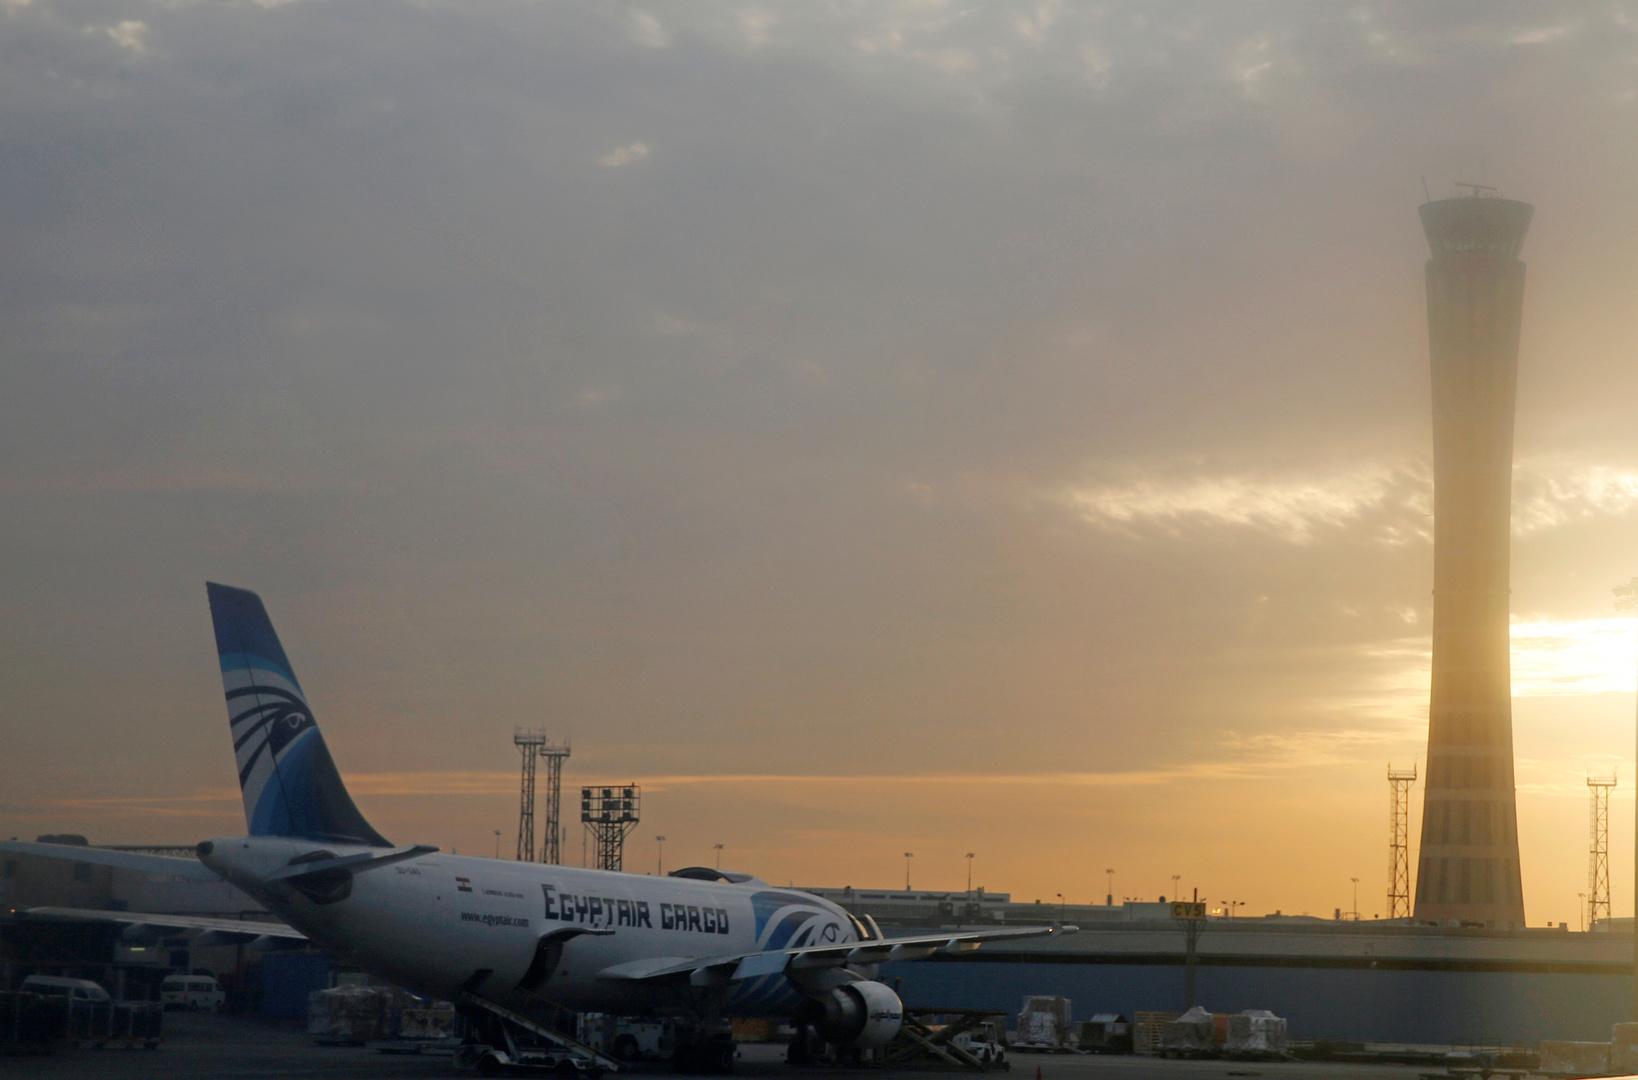 شركات طيران خاصة مصرية تناشد وزير الطيران التدخل في ظل أزمة كورونا